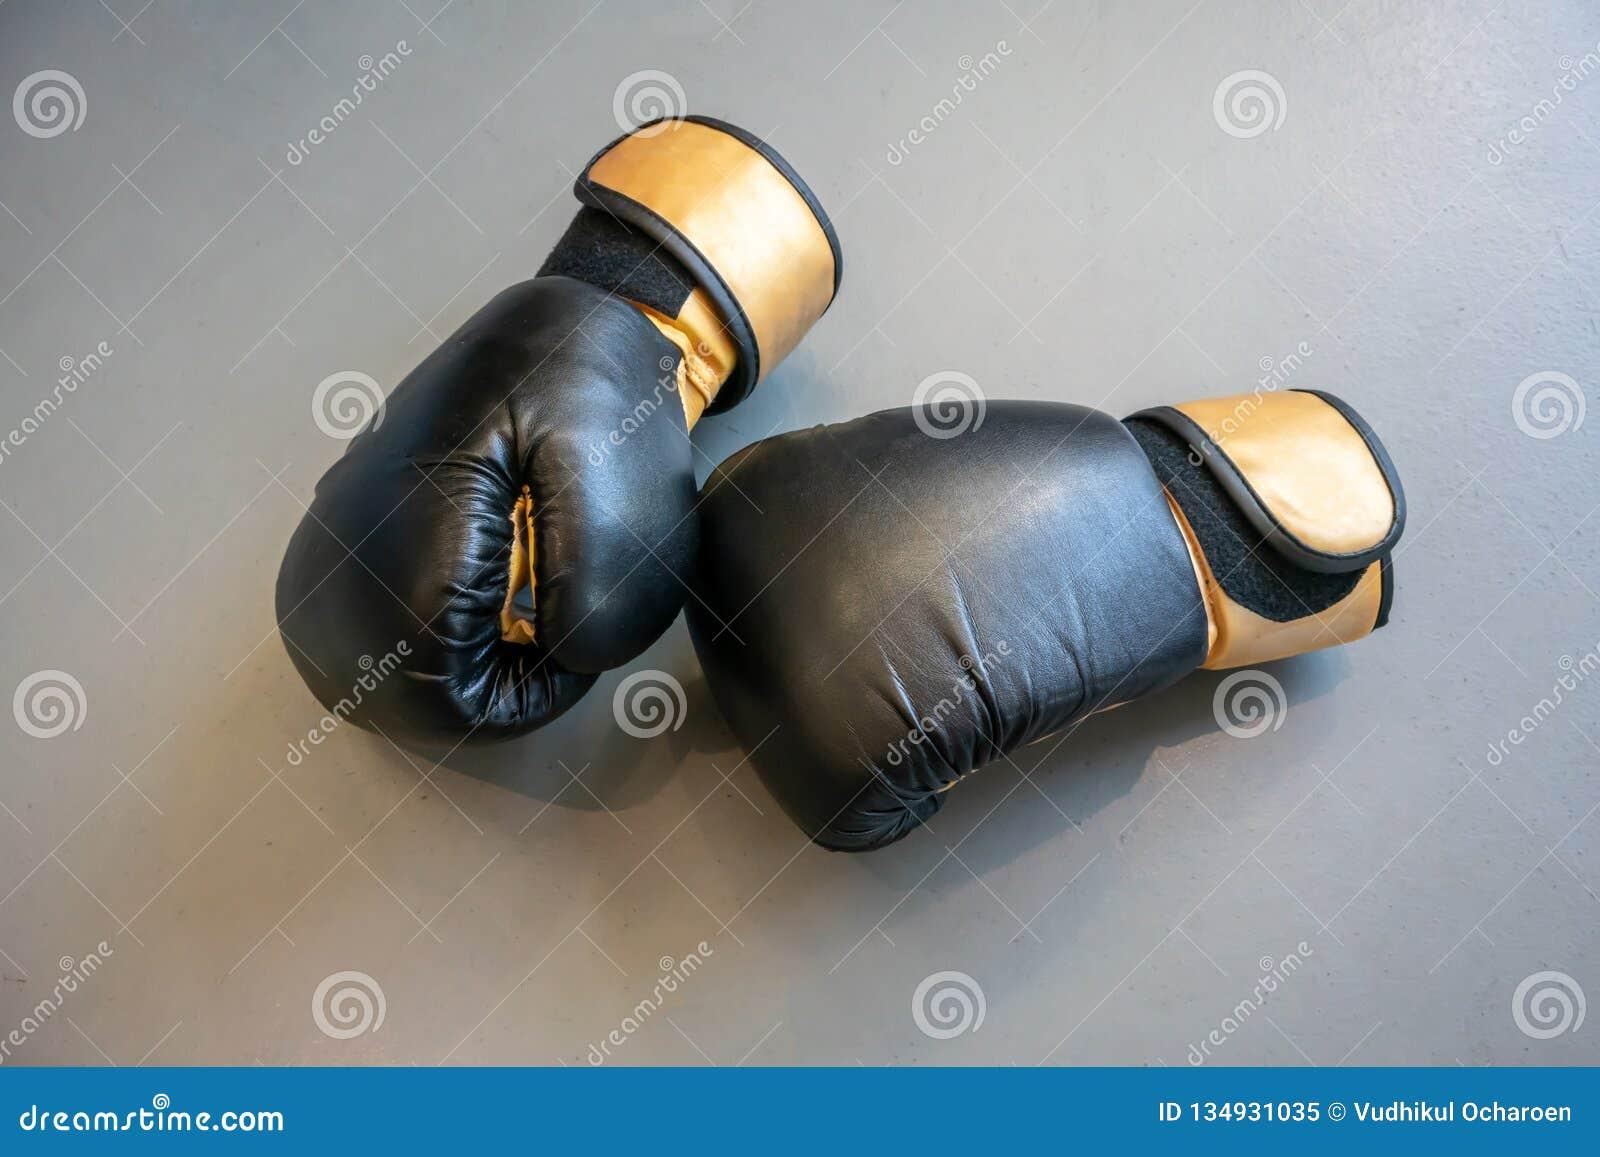 在灰色具体背景的老黑和黄色拳击手套